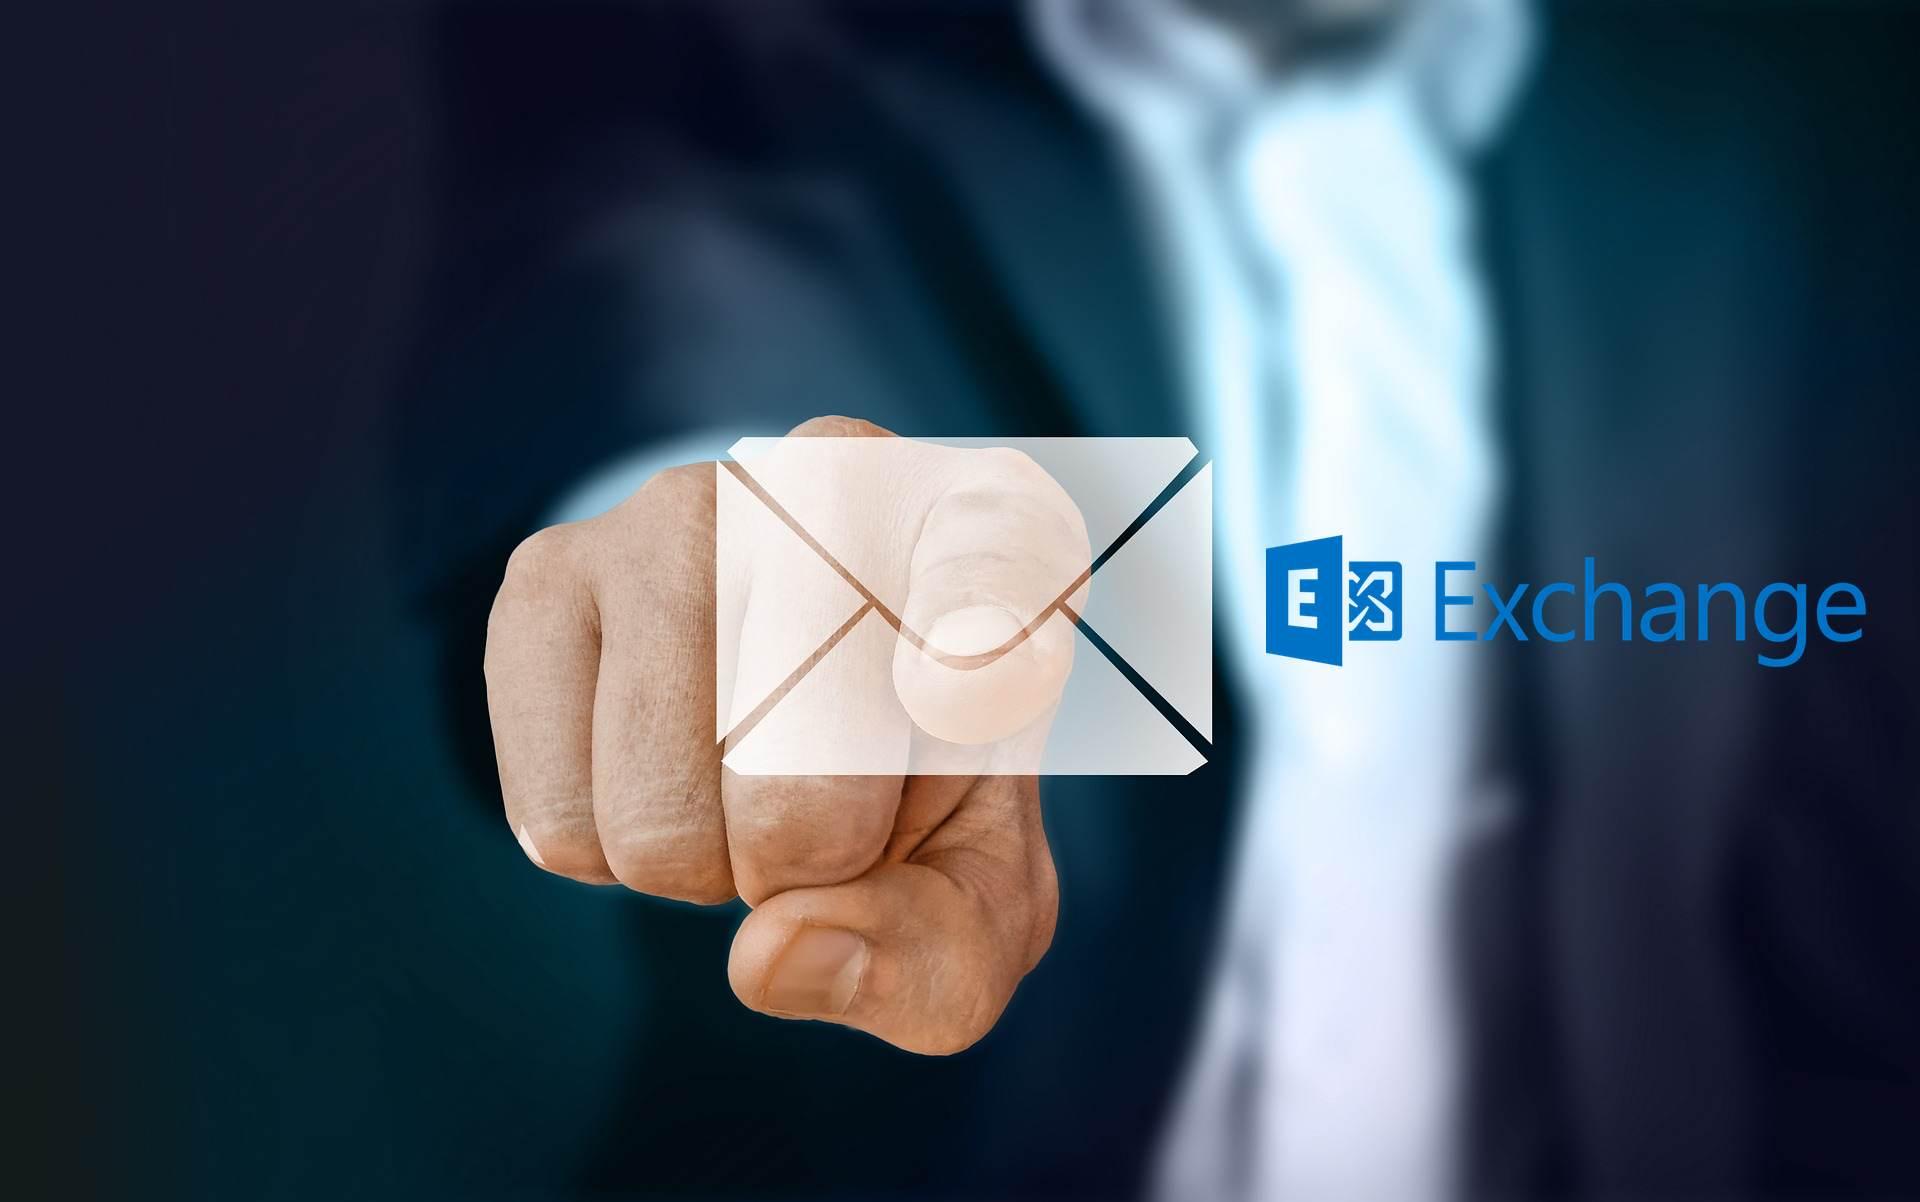 Im Eilschritt durch Outlook - die 5 wichtigsten Tastenkombinationen des E-Mail-Dienstes